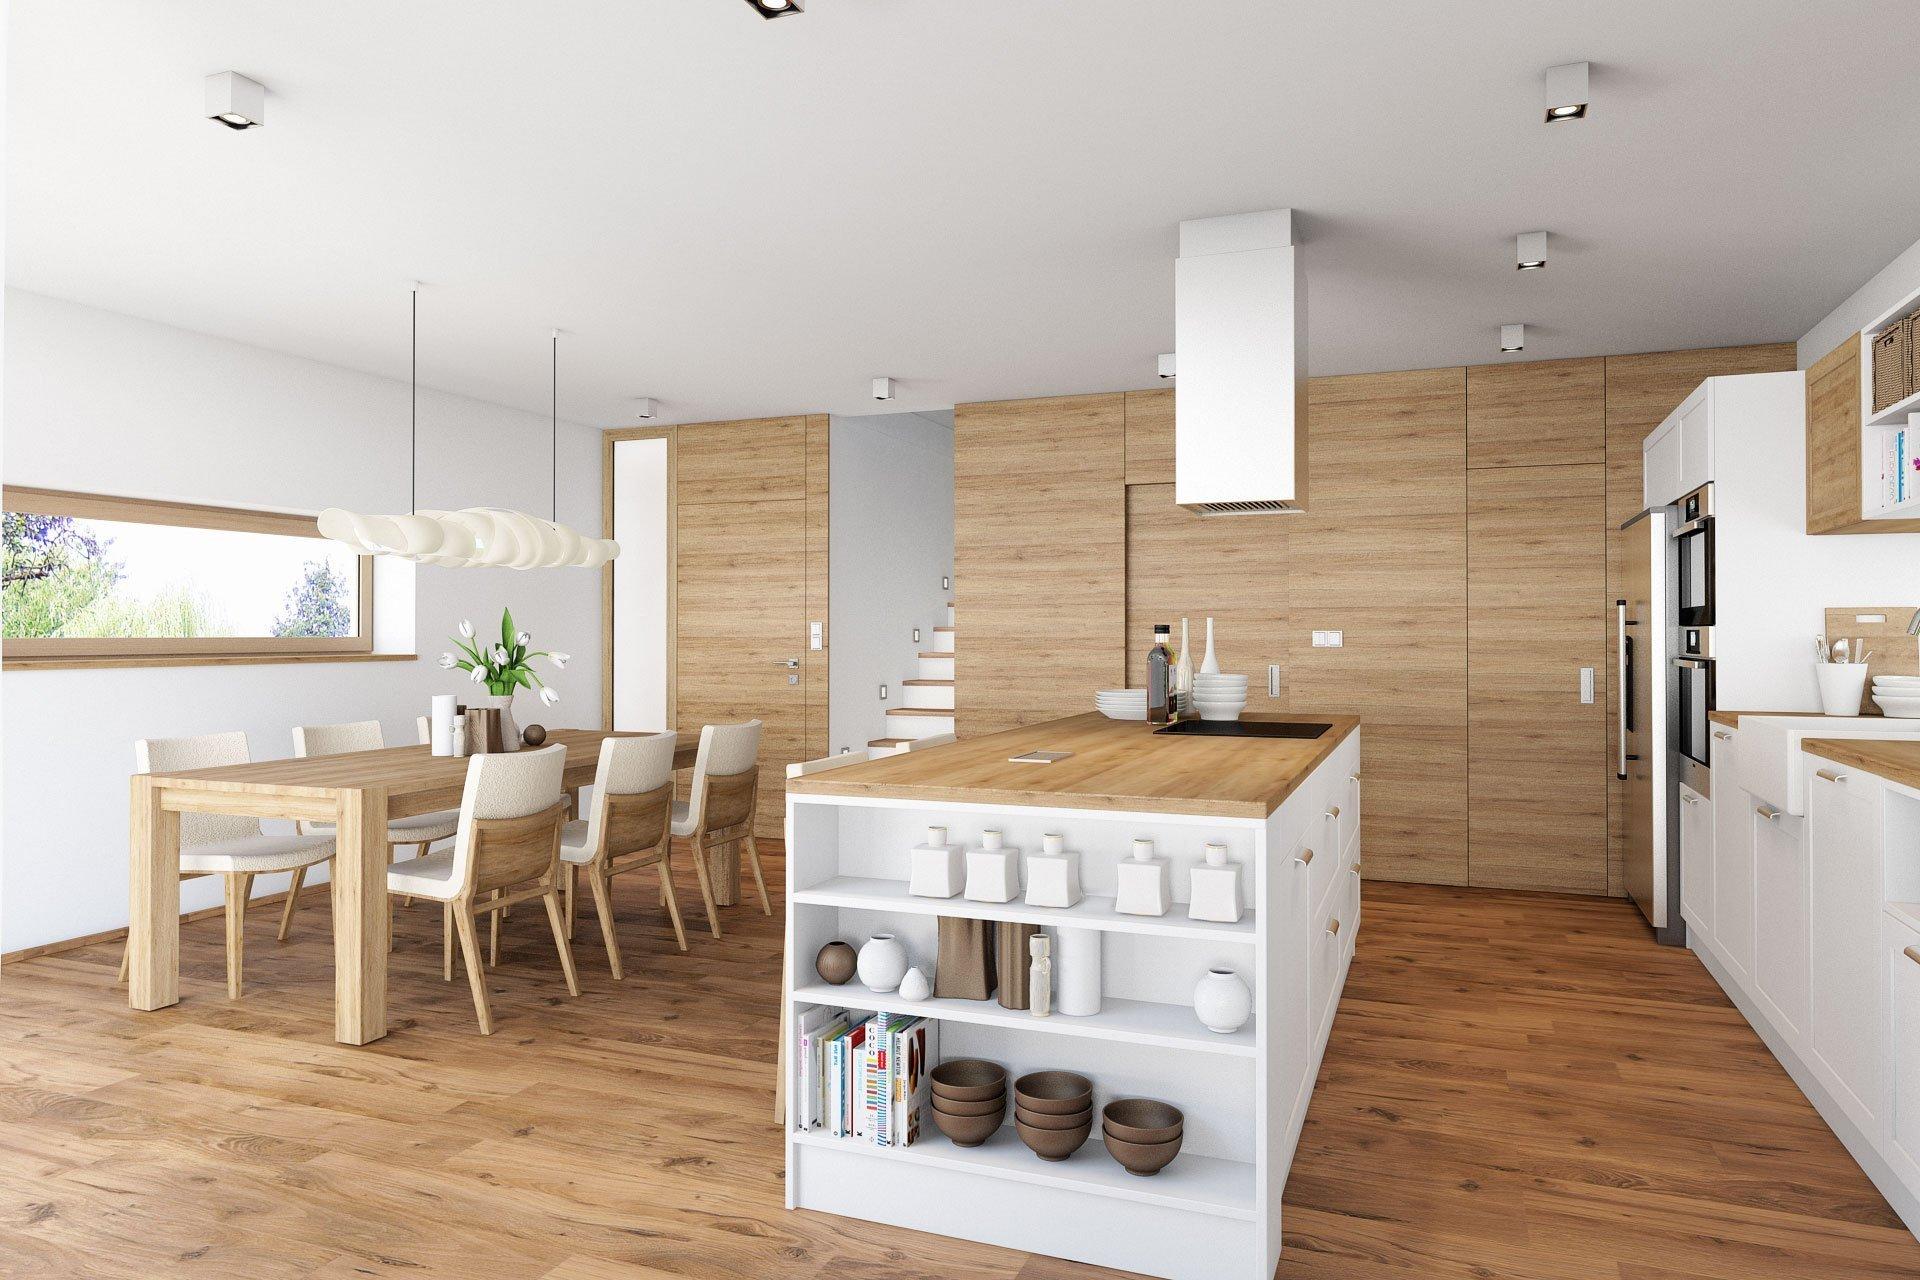 V hlavní roli: dřevo  Návrh interiéru novostavby dvoupodlažního rodinného domu se sedlovou střechou. Vinteriérech se hojně objevuje dřevo, které je…